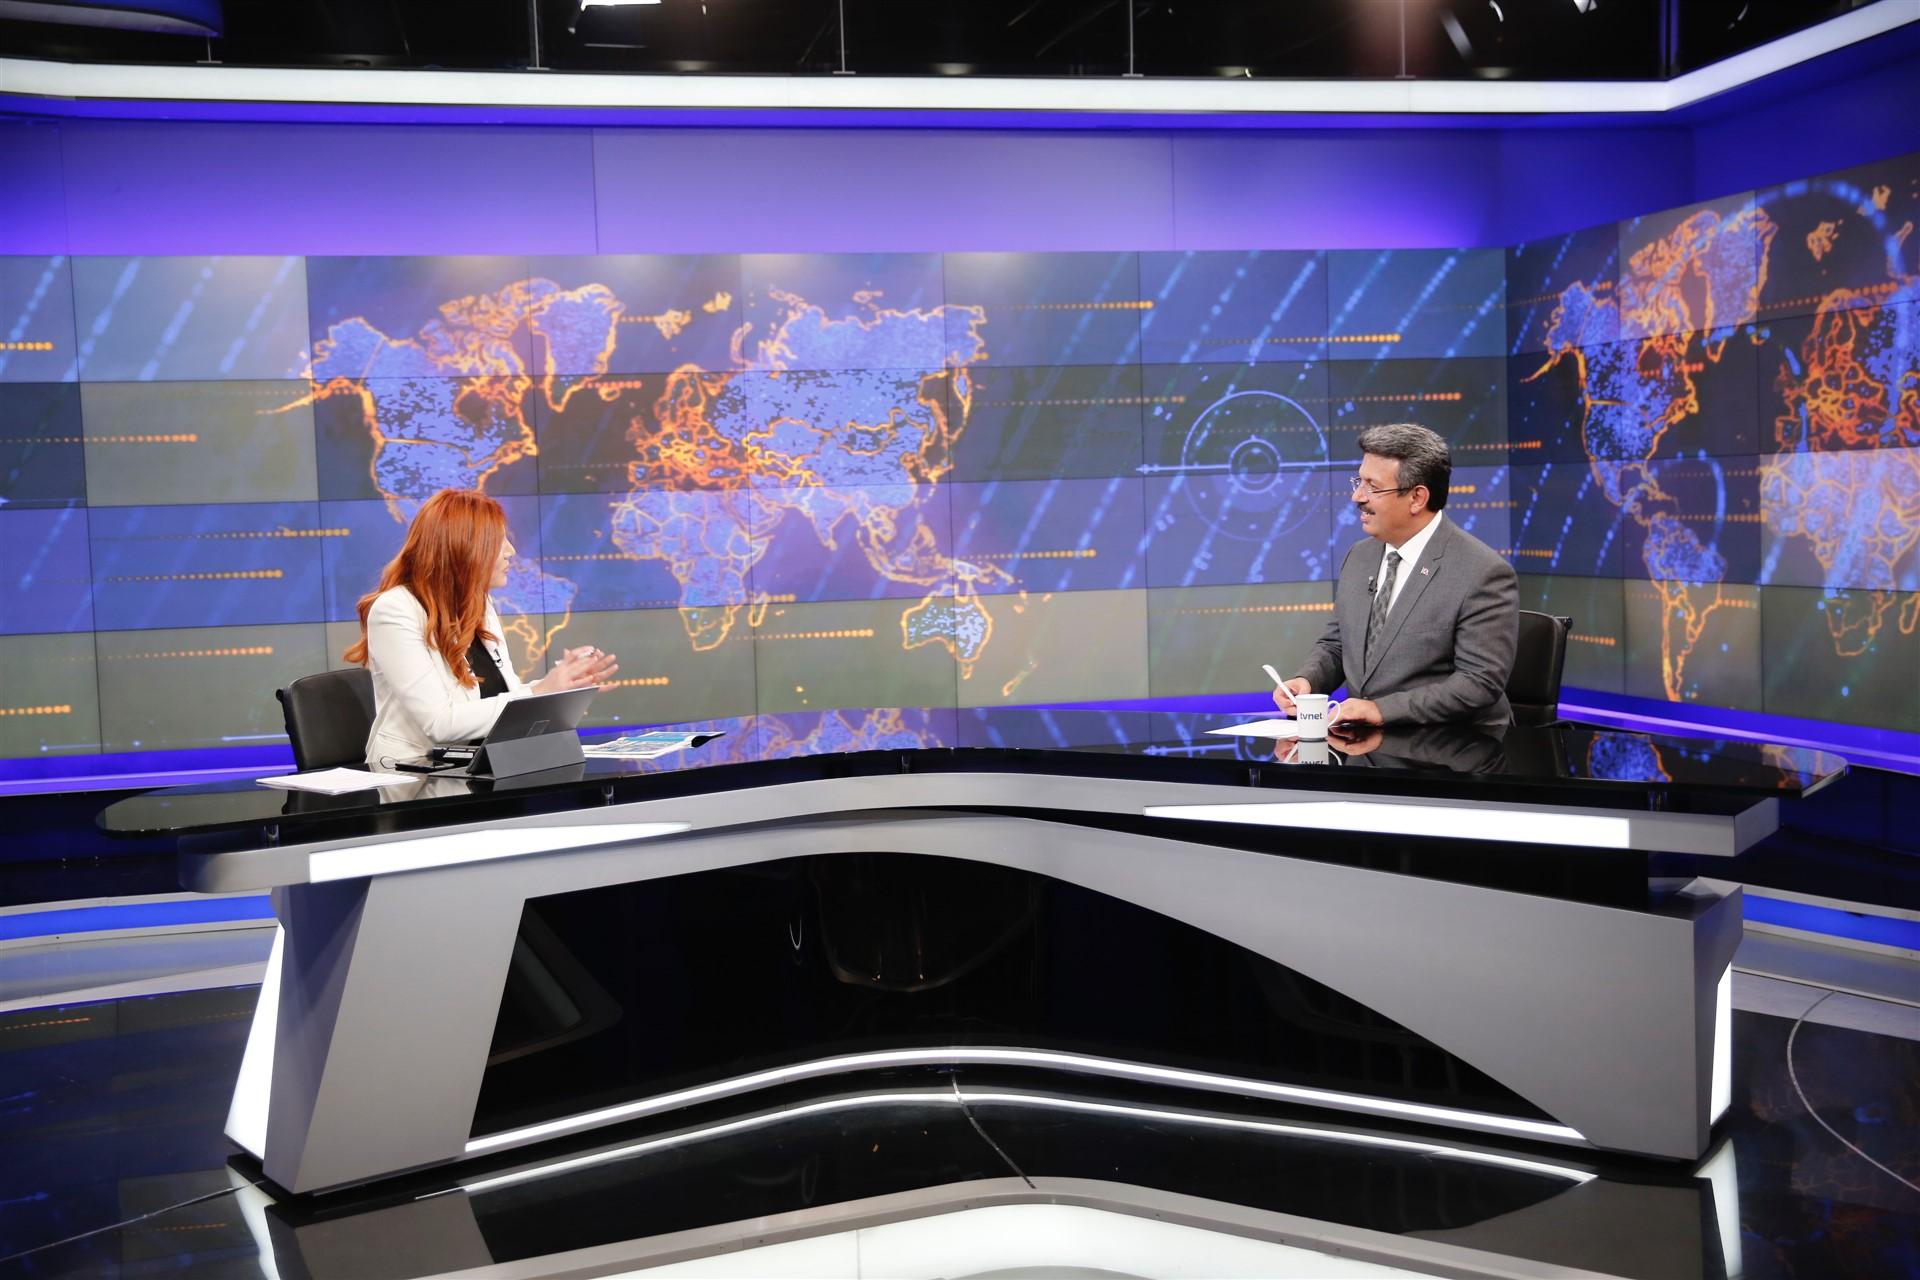 BAŞKAN KARADENİZ TV NET CANLI YAYINDA PROJELERİ ANLATTI